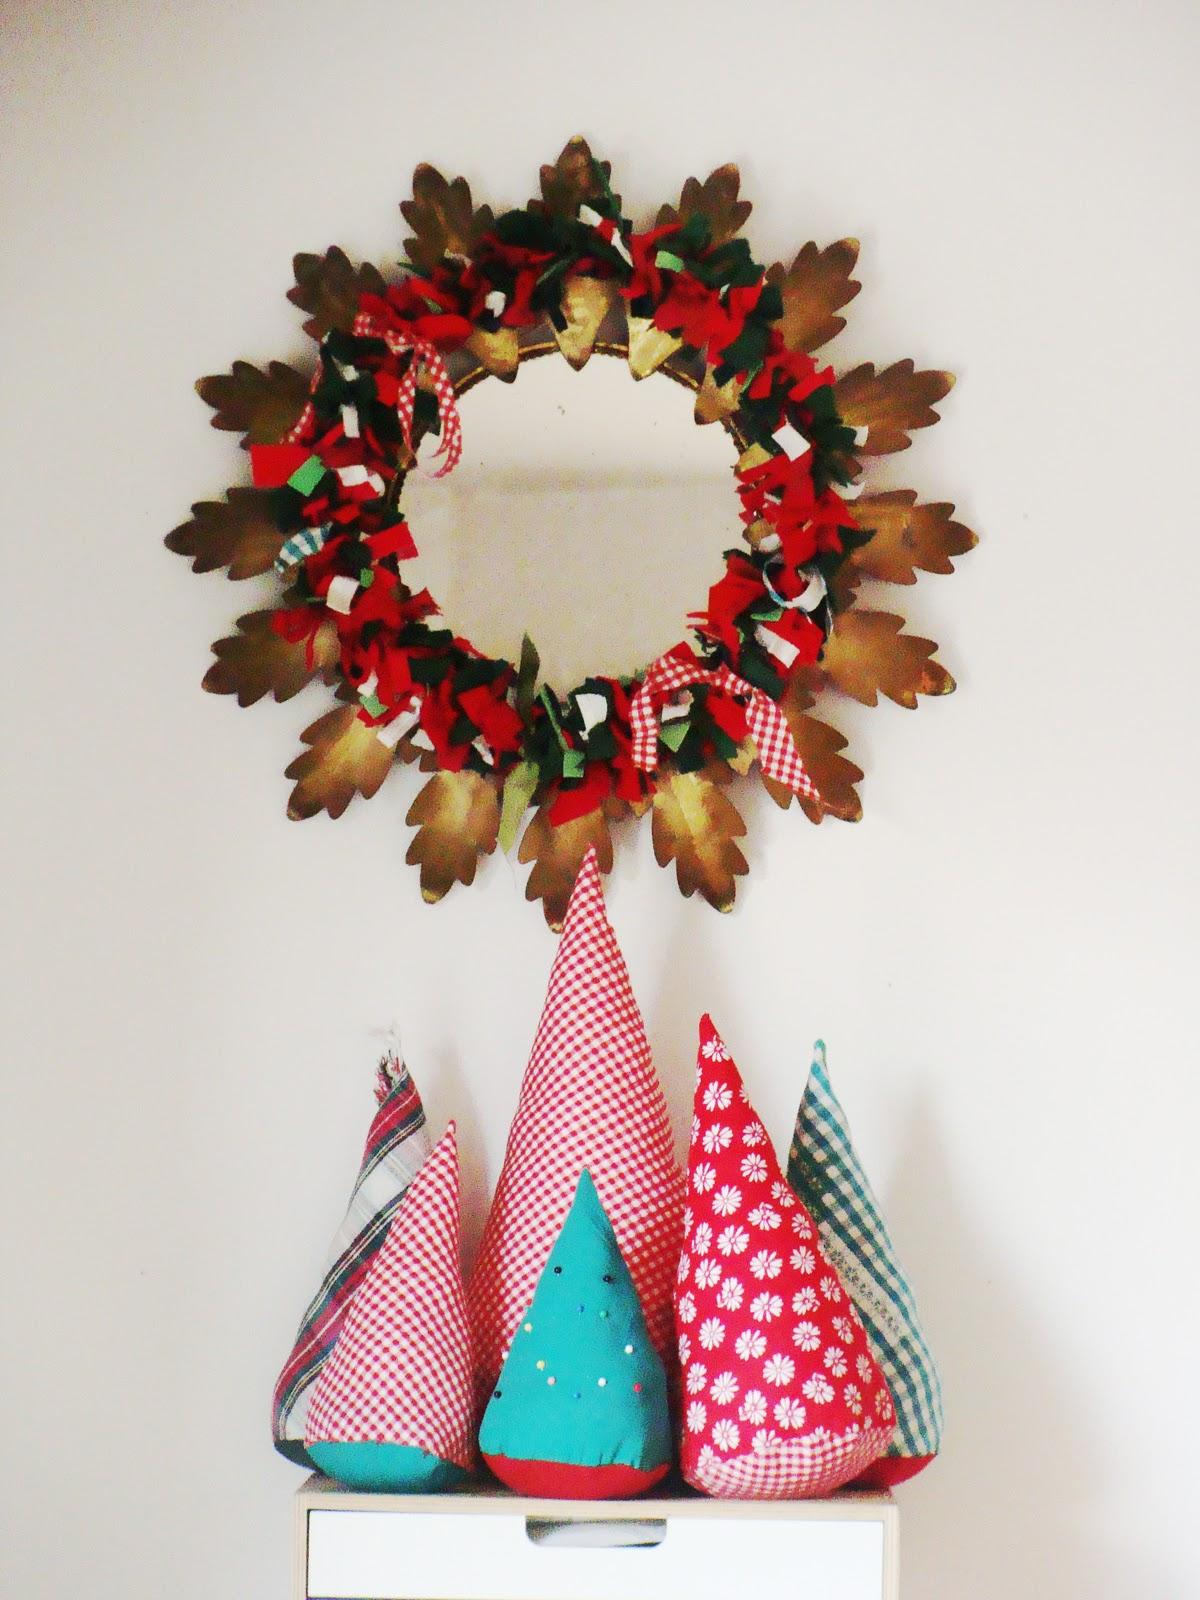 Cousaspequenas adornos de nadal 2010 - Adornos de nadal ...